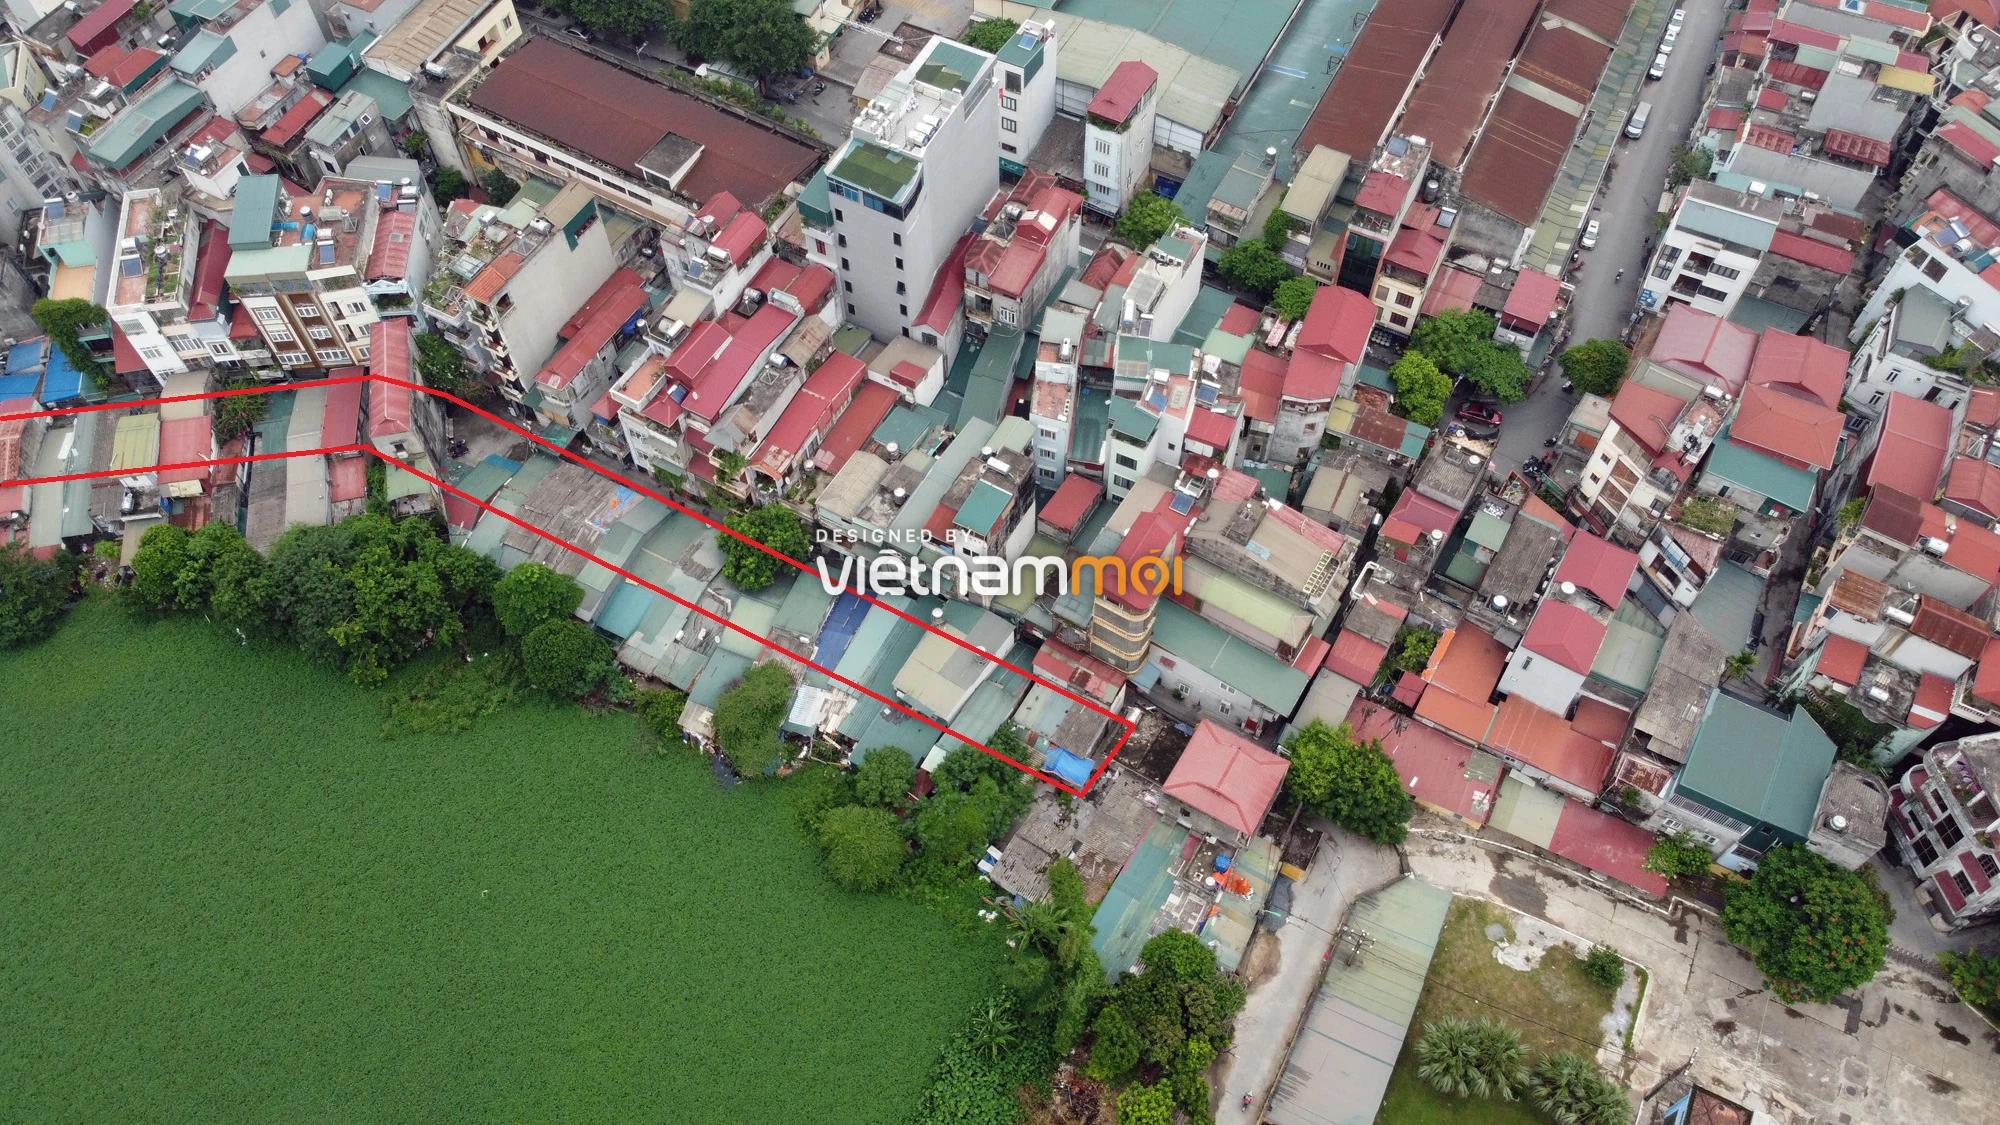 Những khu đất sắp thu hồi để mở đường ở quận Thanh Xuân, Hà Nội (phần 1) - Ảnh 13.